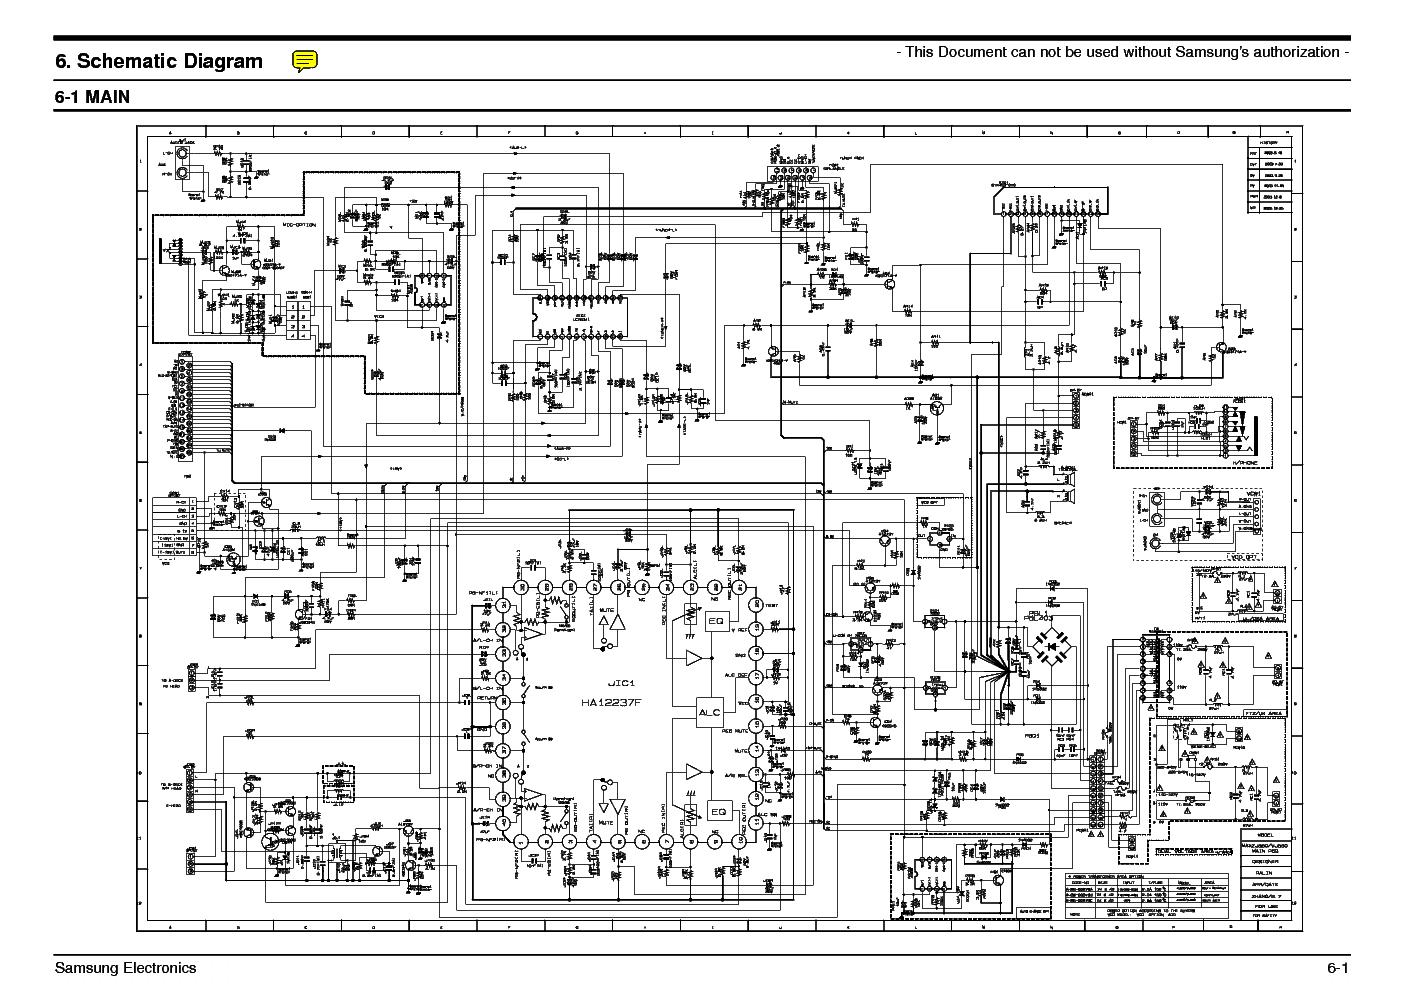 СХЕМА САМСУНГ MAX-N75/73 СКАЧАТЬ БЕСПЛАТНО